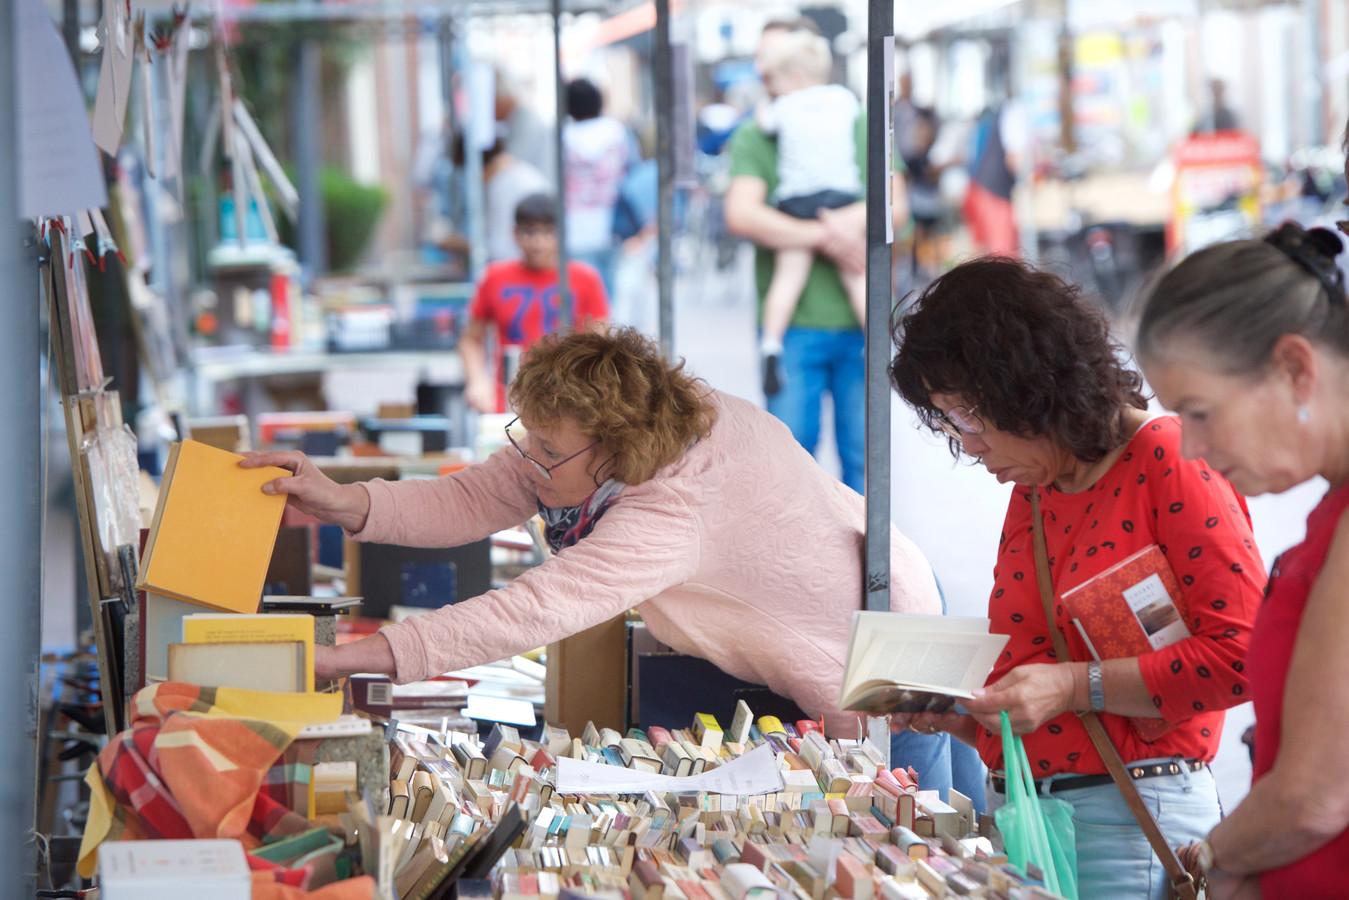 Snuffelen op de boekenmarkt in Huissen.